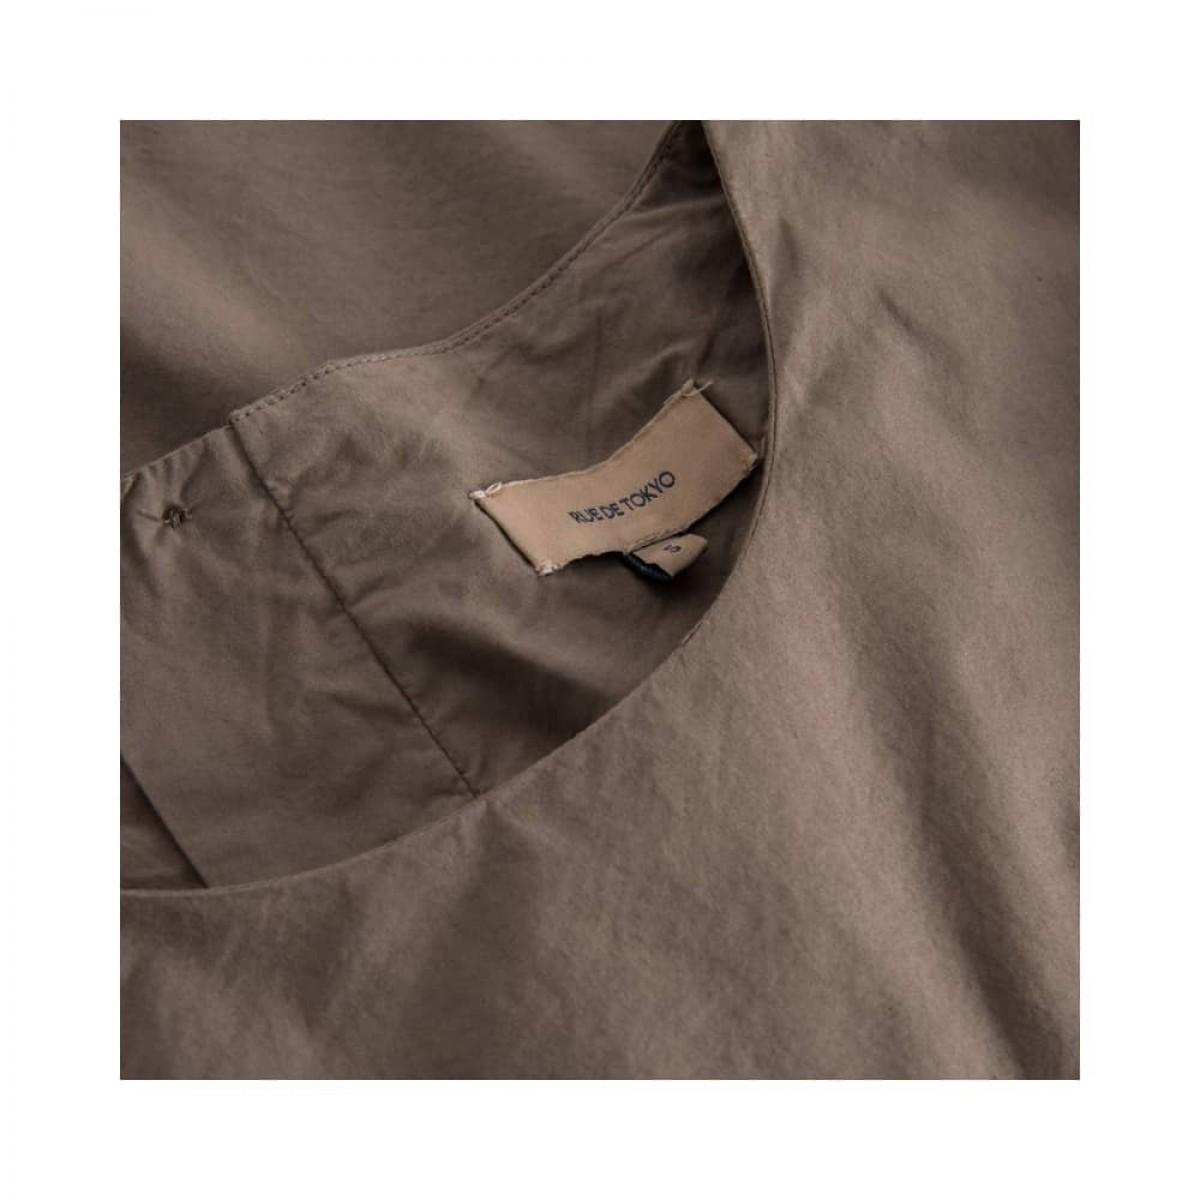 sada skjorte bluse - brown - hals detalje